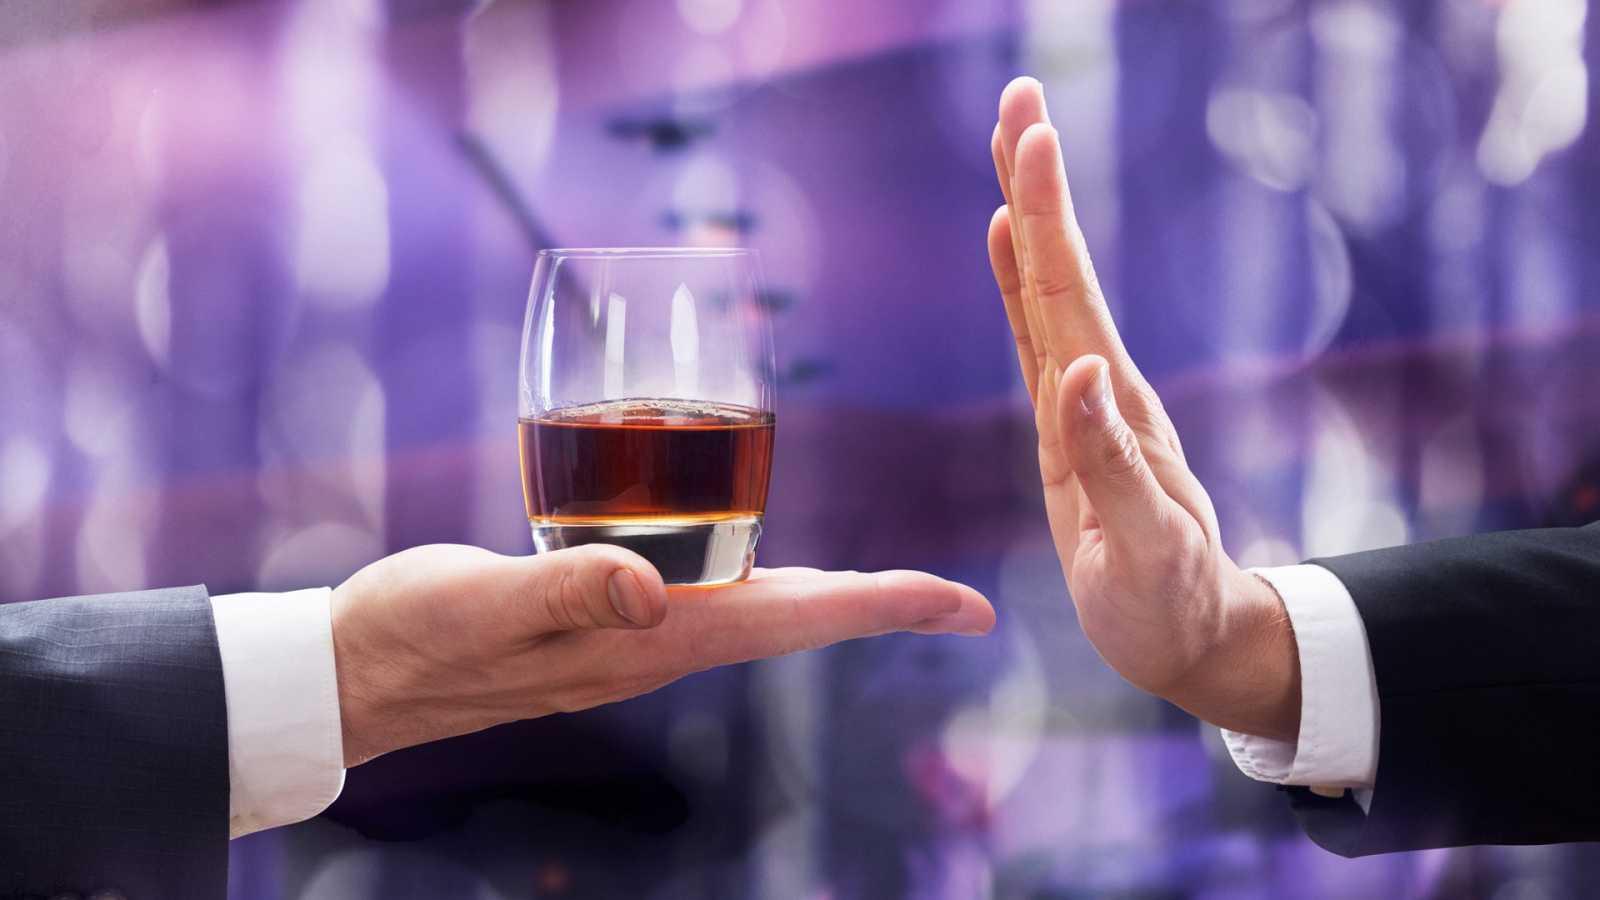 Adicciones - Un mes sin alcohol - 29/01/20 - Escuchar ahora